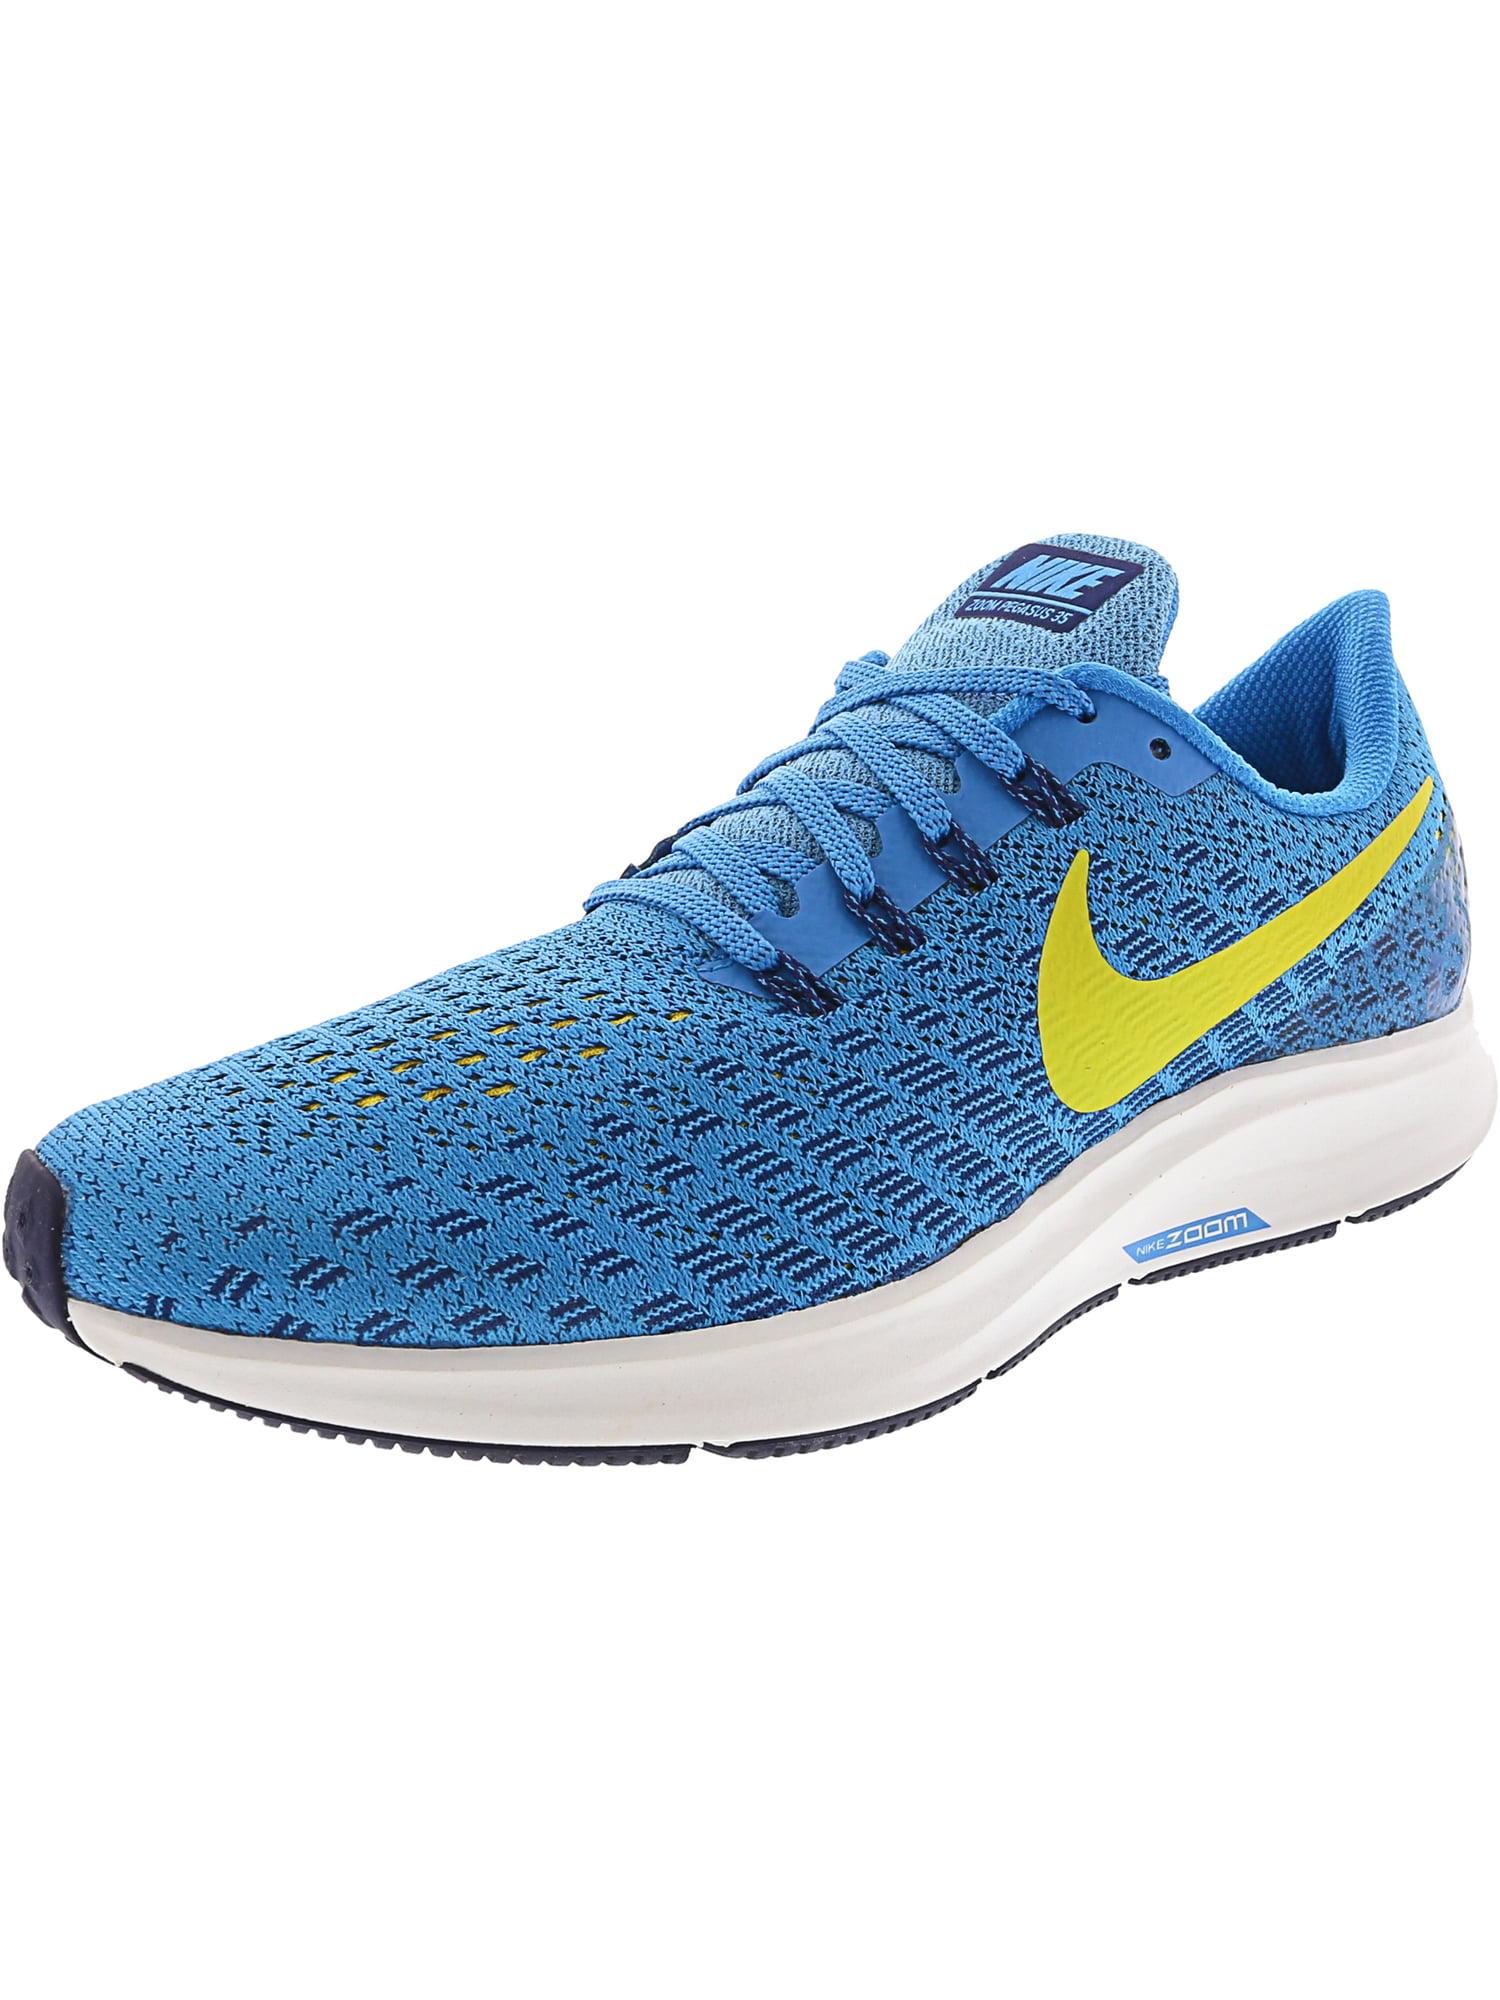 Nike Men's Air Zoom Pegasus 35 Blue